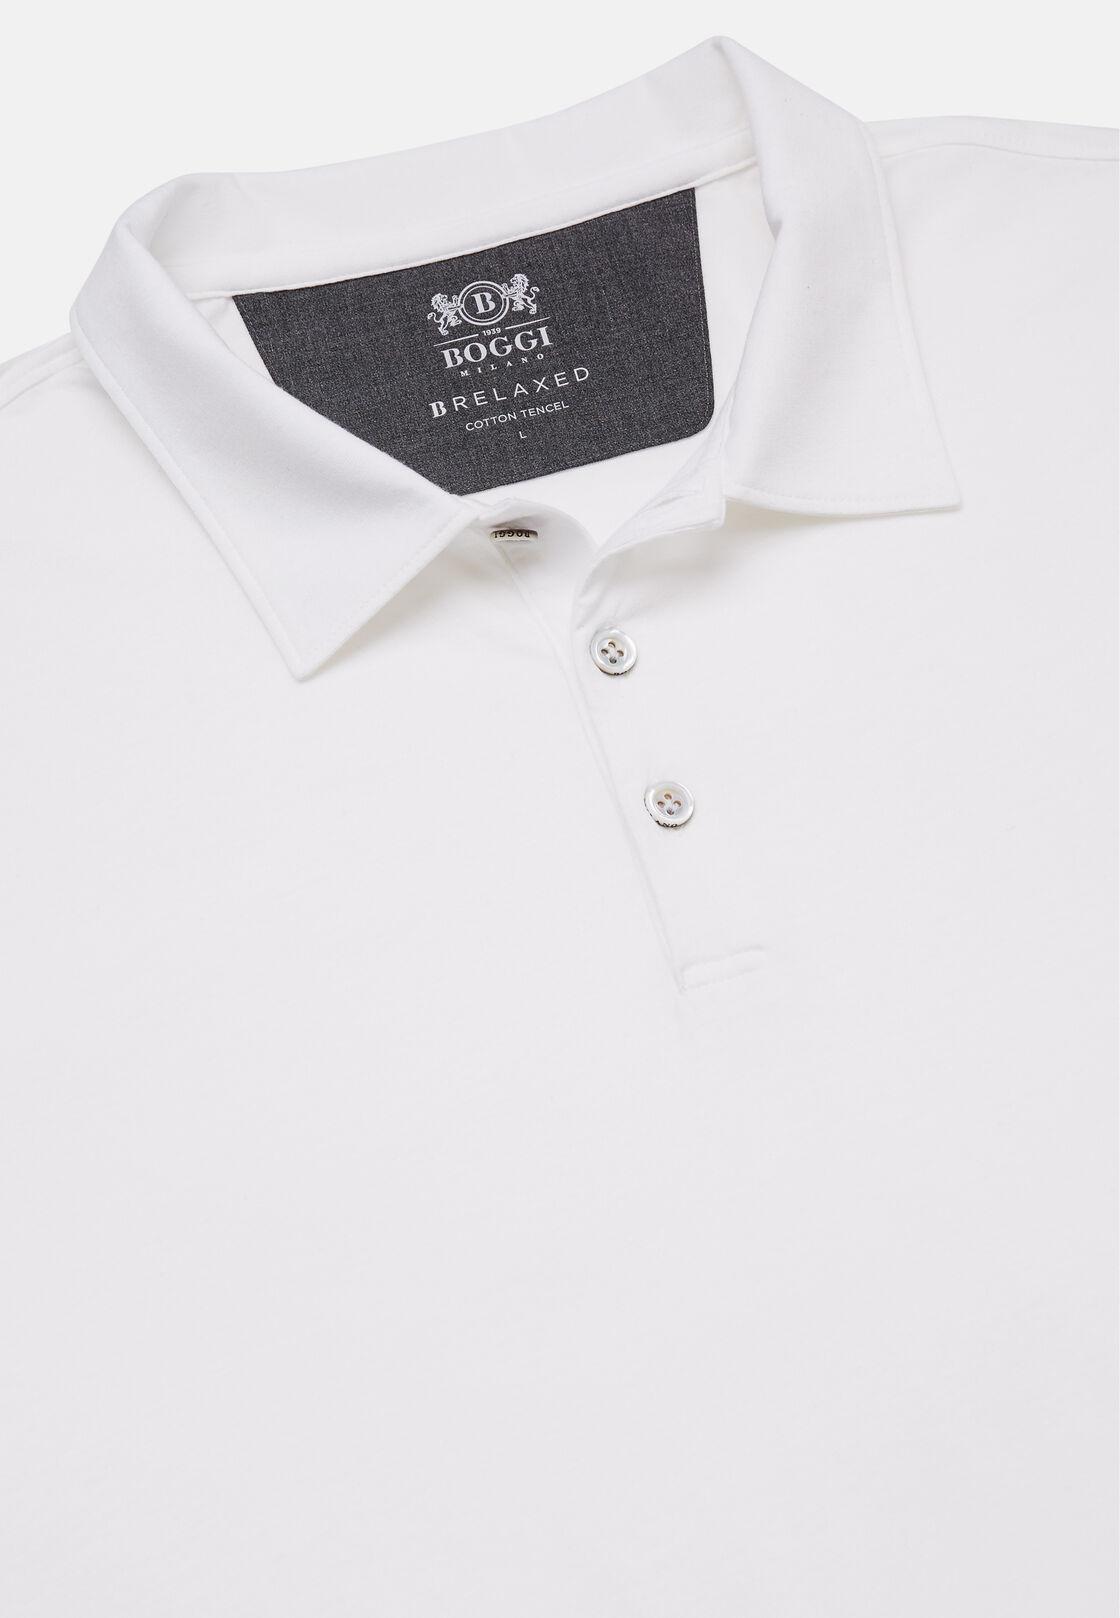 Poloshirt aus baumwolle und tencel regular fit lange ärmel, Weiß, hi-res